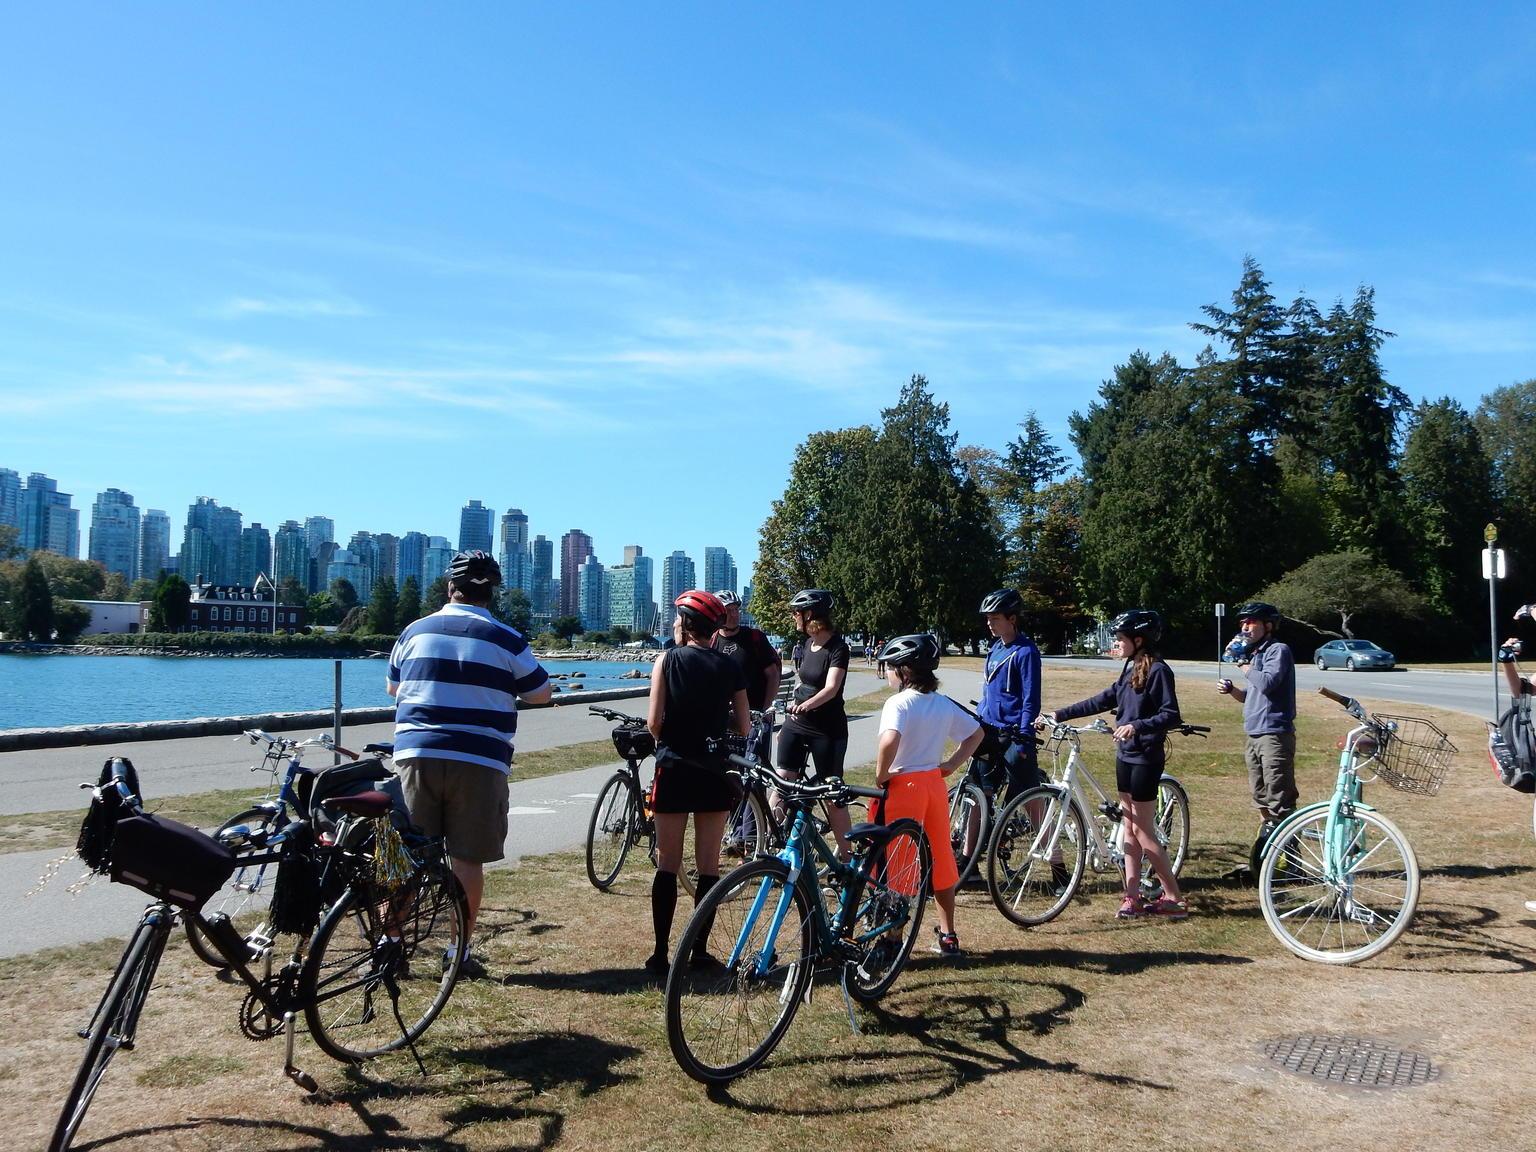 MAIS FOTOS, Excursão de bicicleta pelos destaques de Vancouver - o Grand Tour